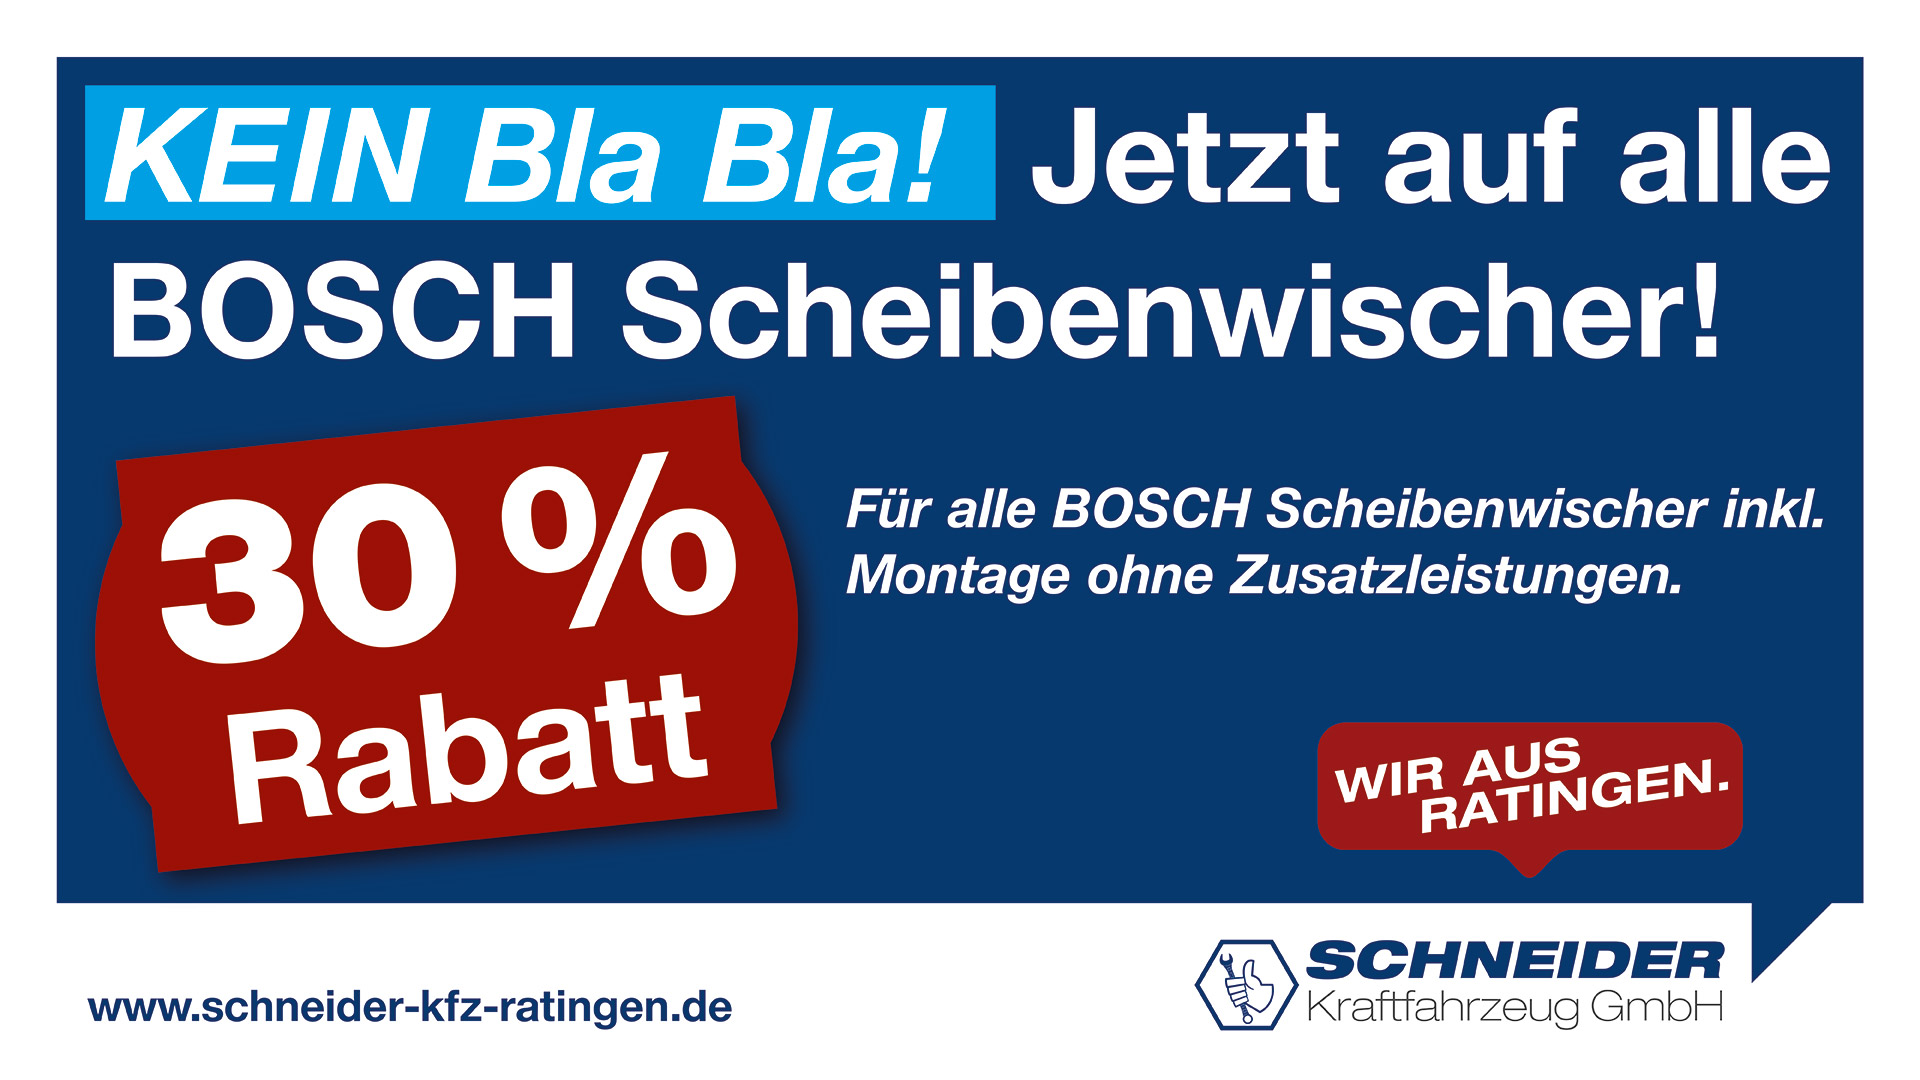 Scheibenwischer Rabatt | Schneider Kraftfahrzeug GmbH - Ratingen